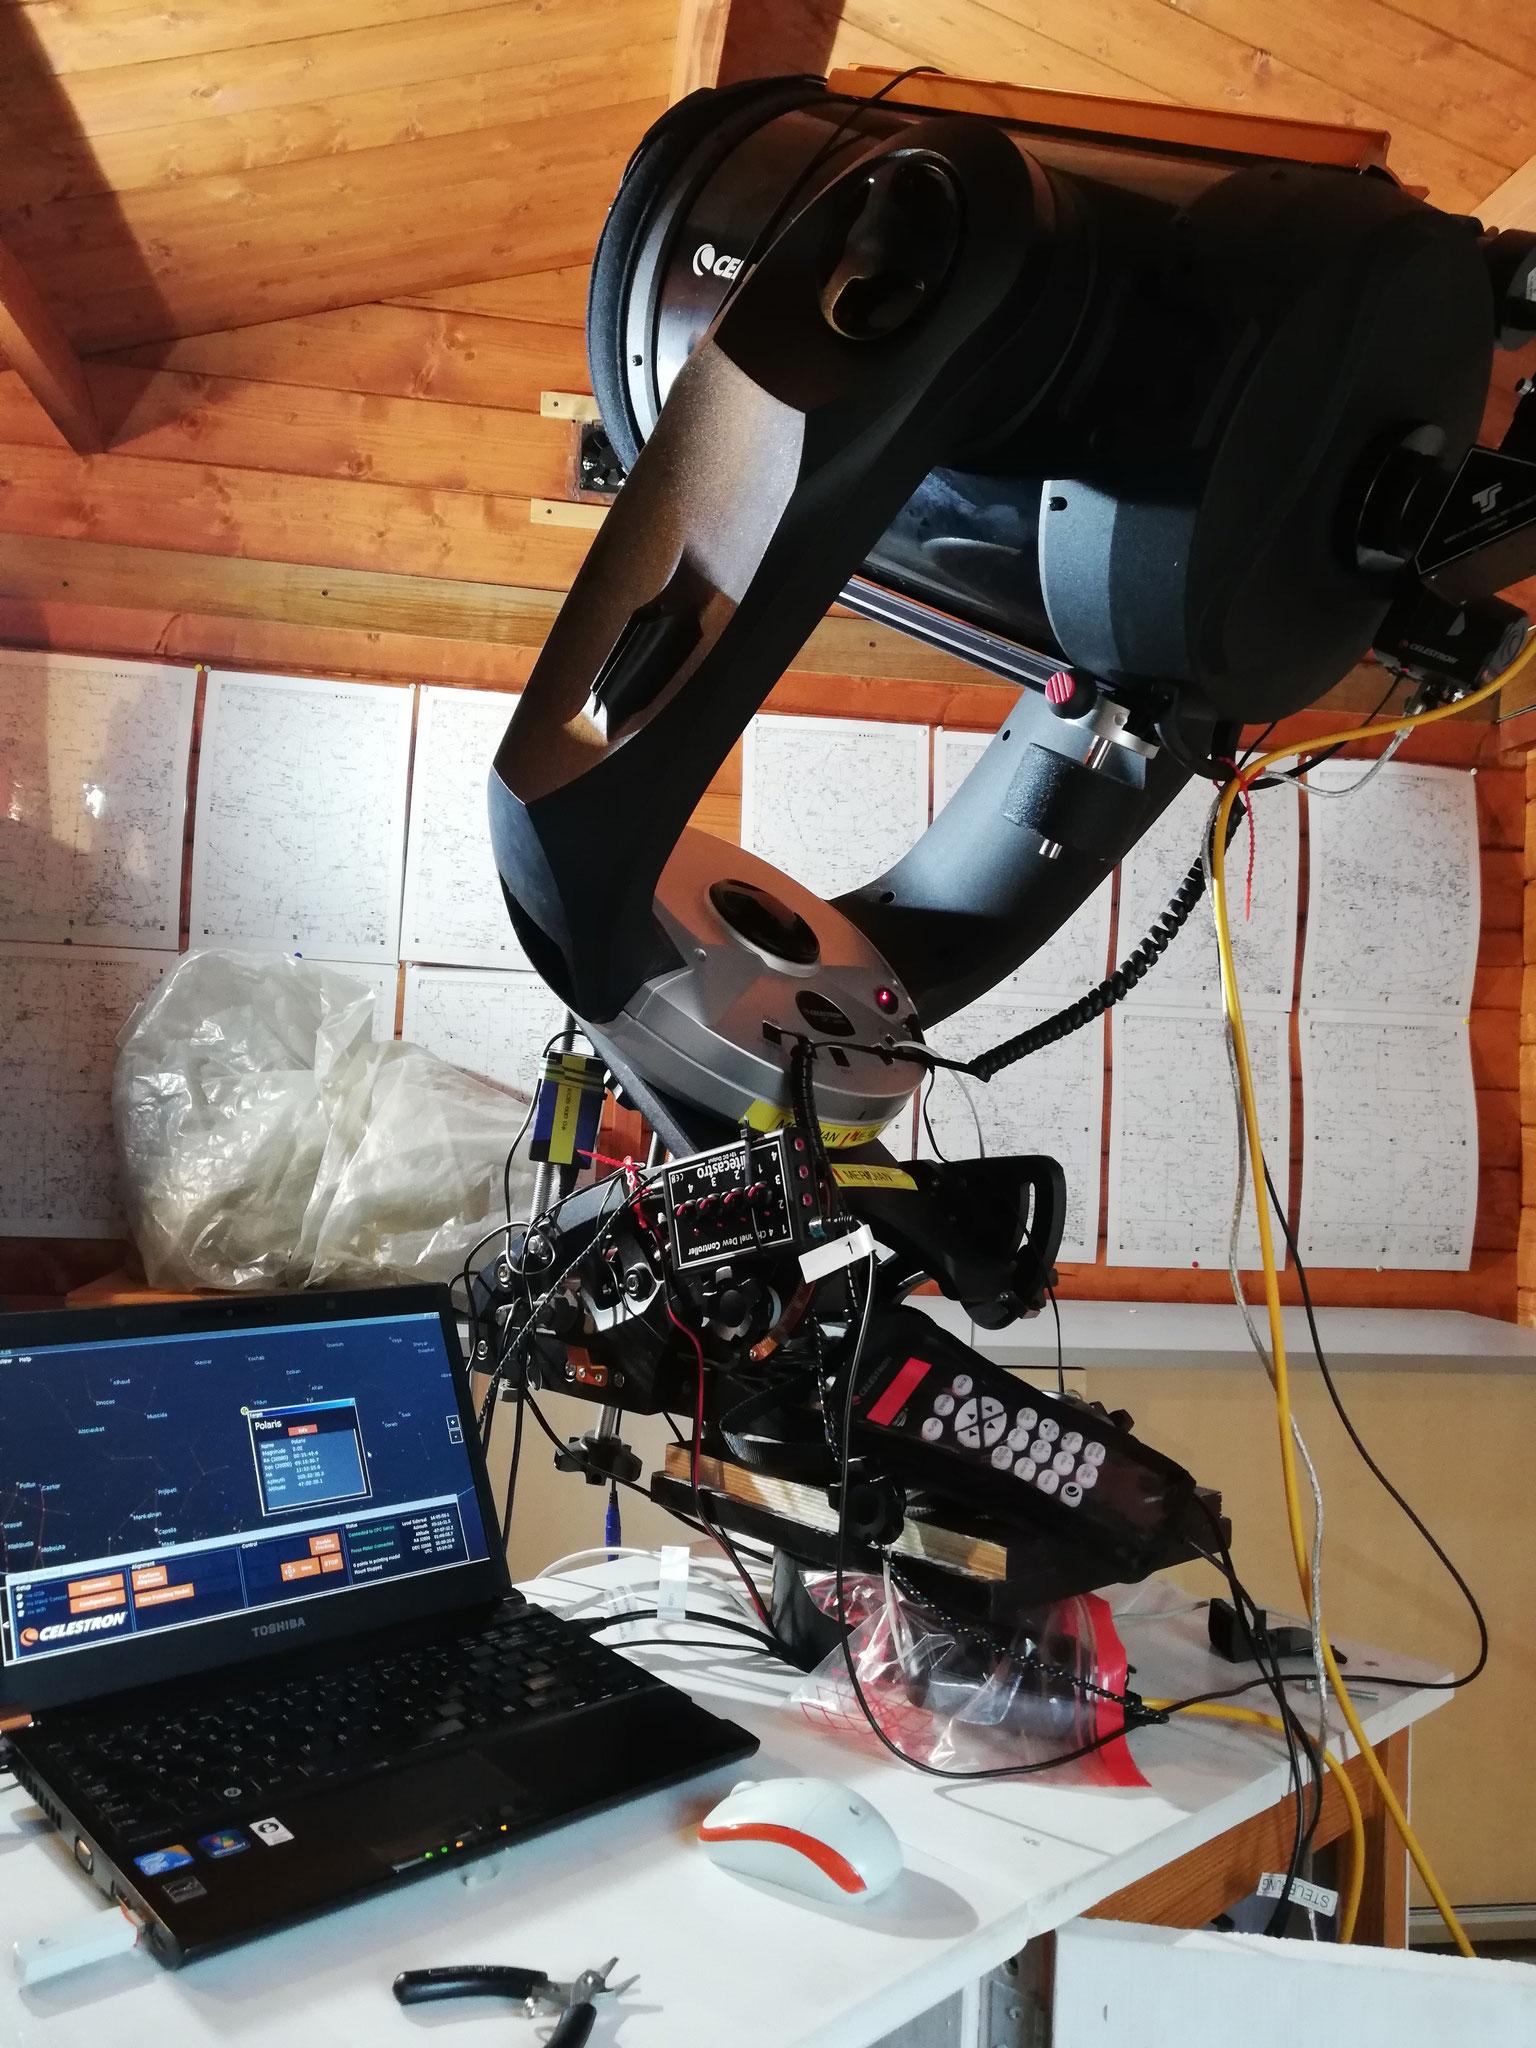 Ausbau des Defekten RA-Motors - neuer Motor eingebaut - es funktioniert